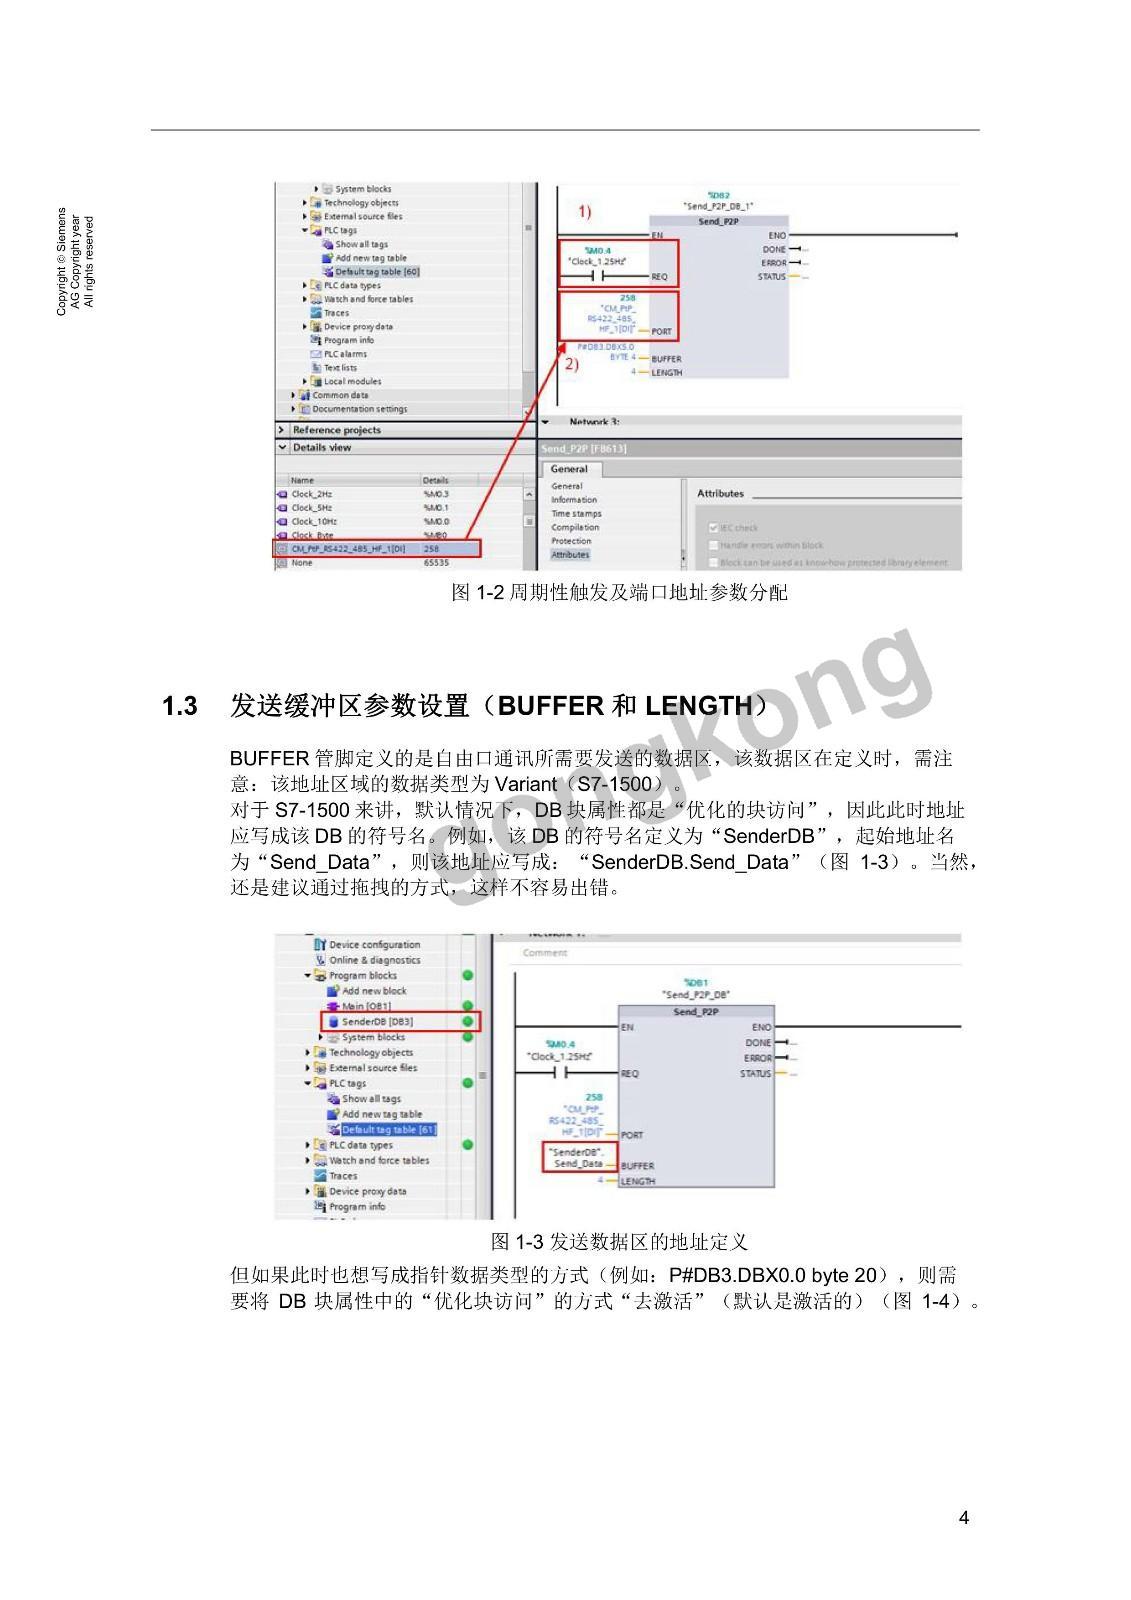 西门子s7-1500串口模板自由口通讯编程注意事项